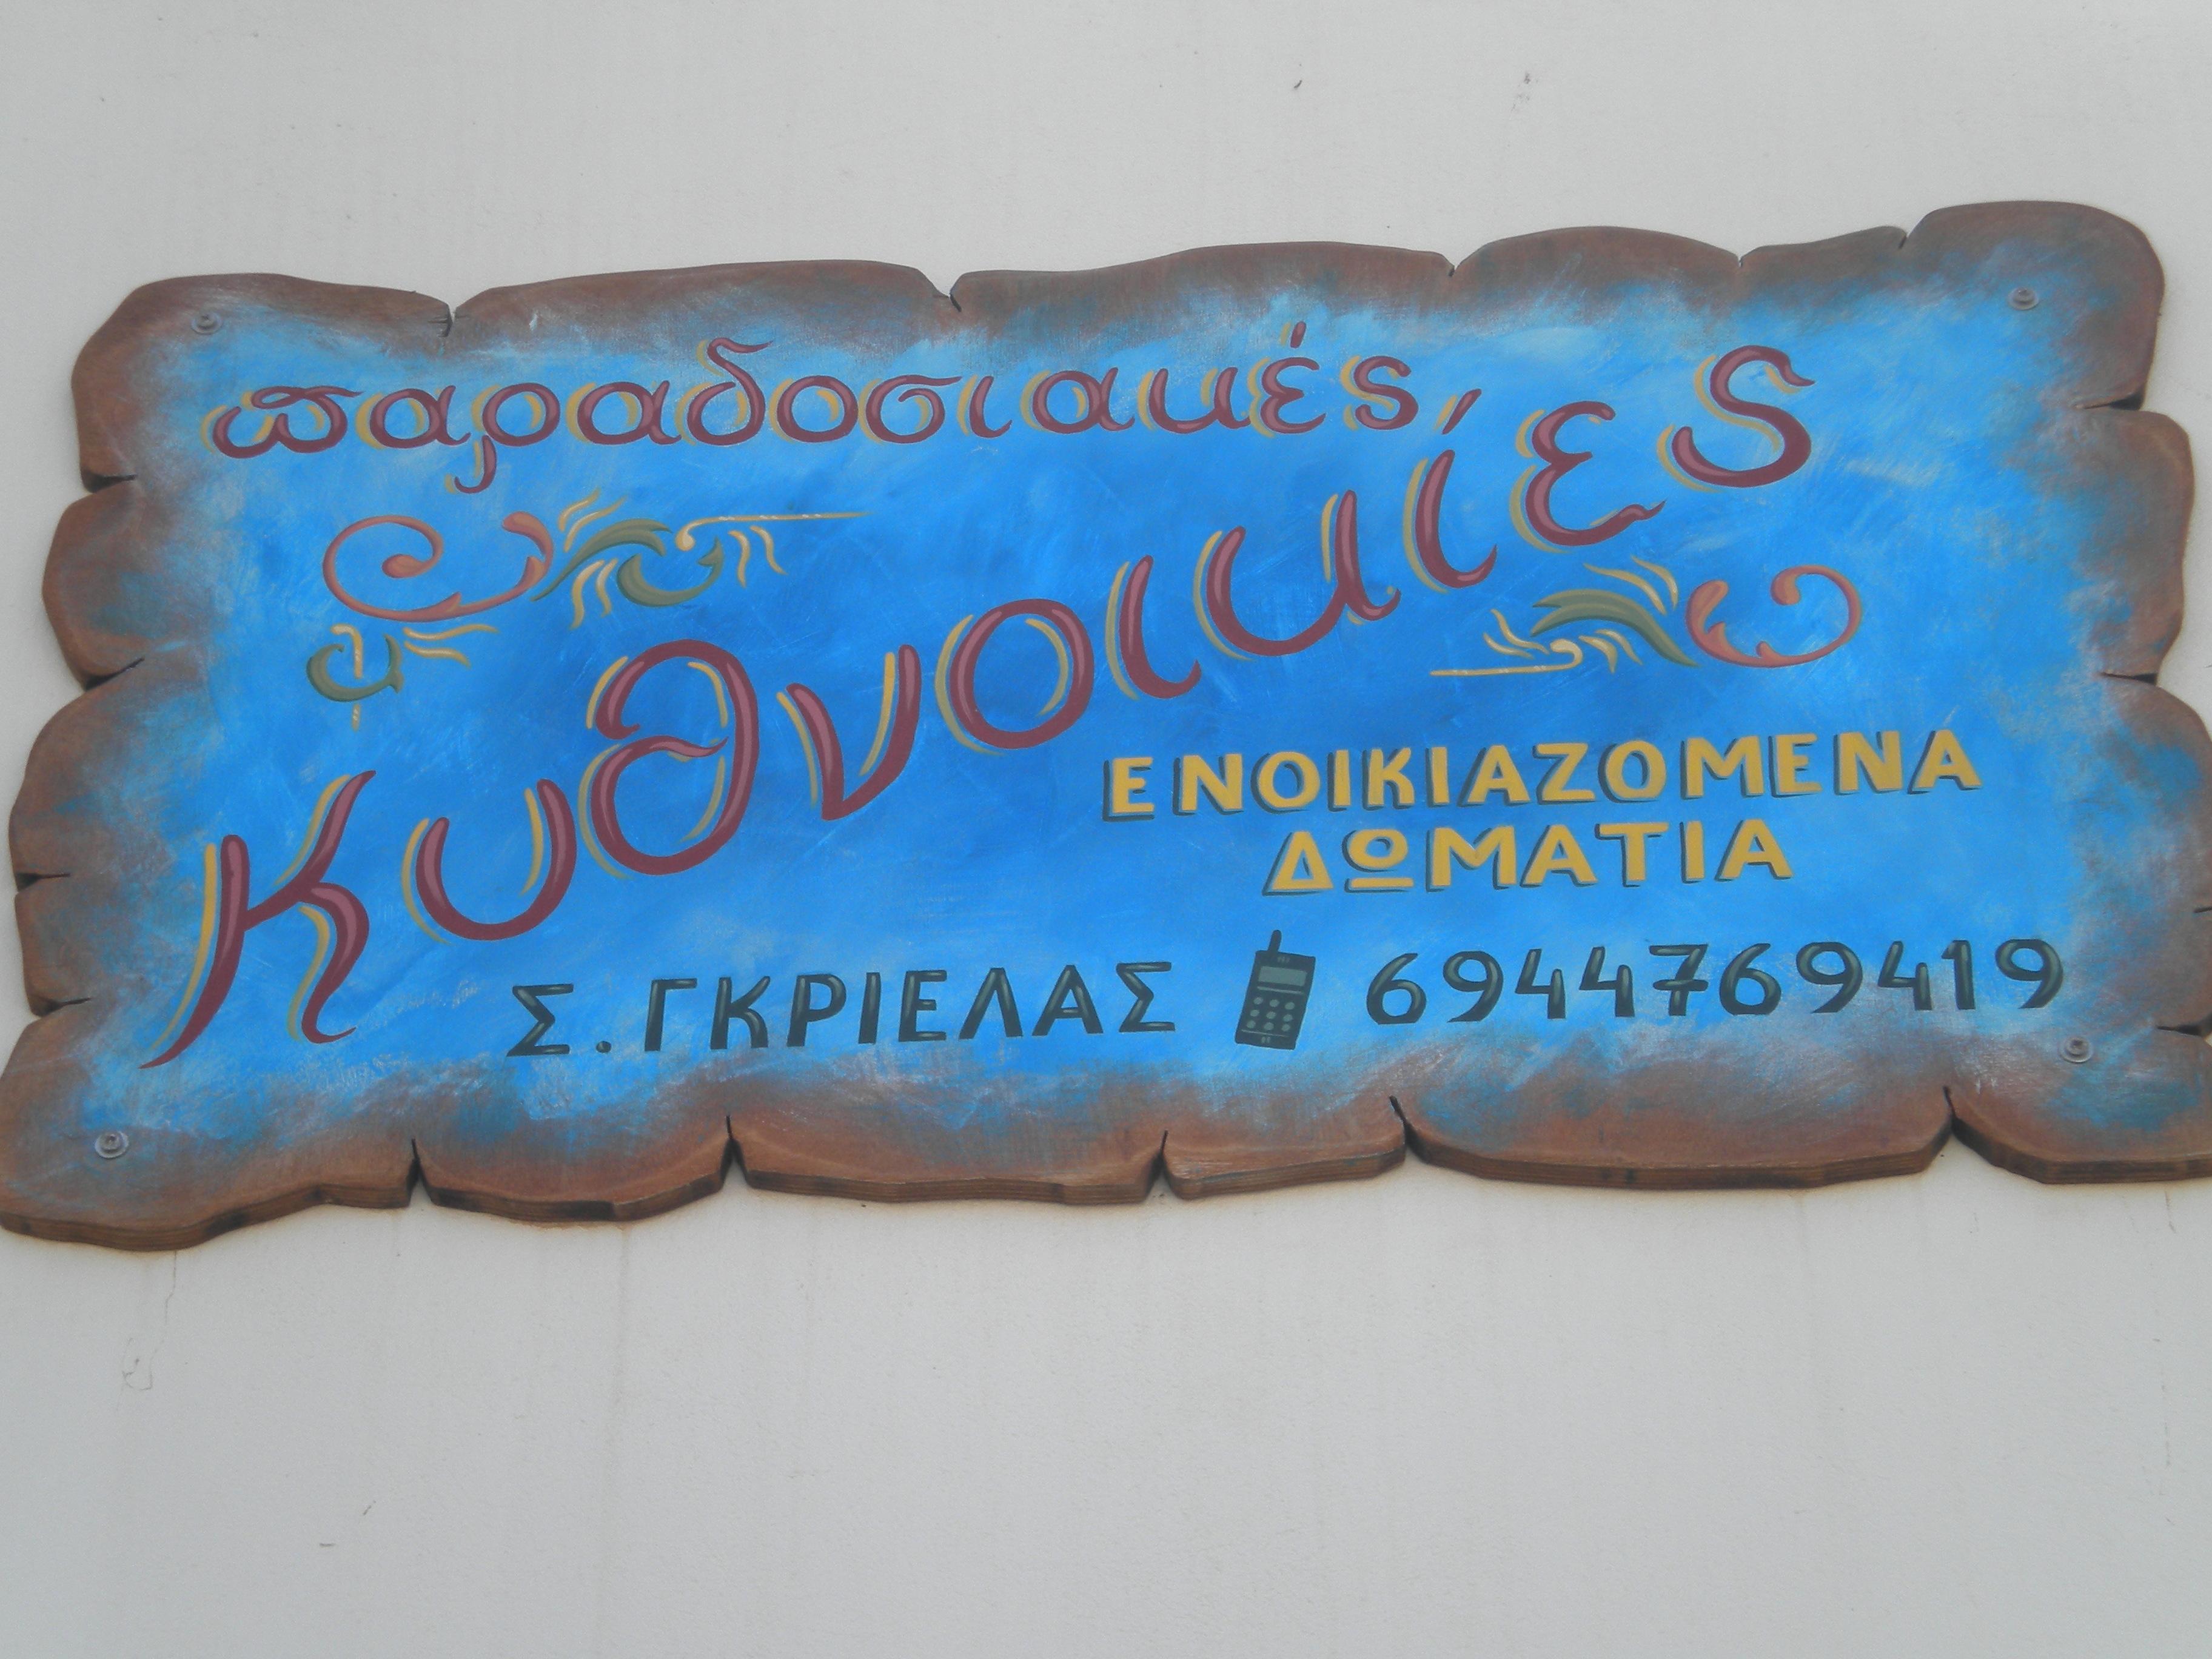 kythnoikies-eksoterikoi-xwroi-1